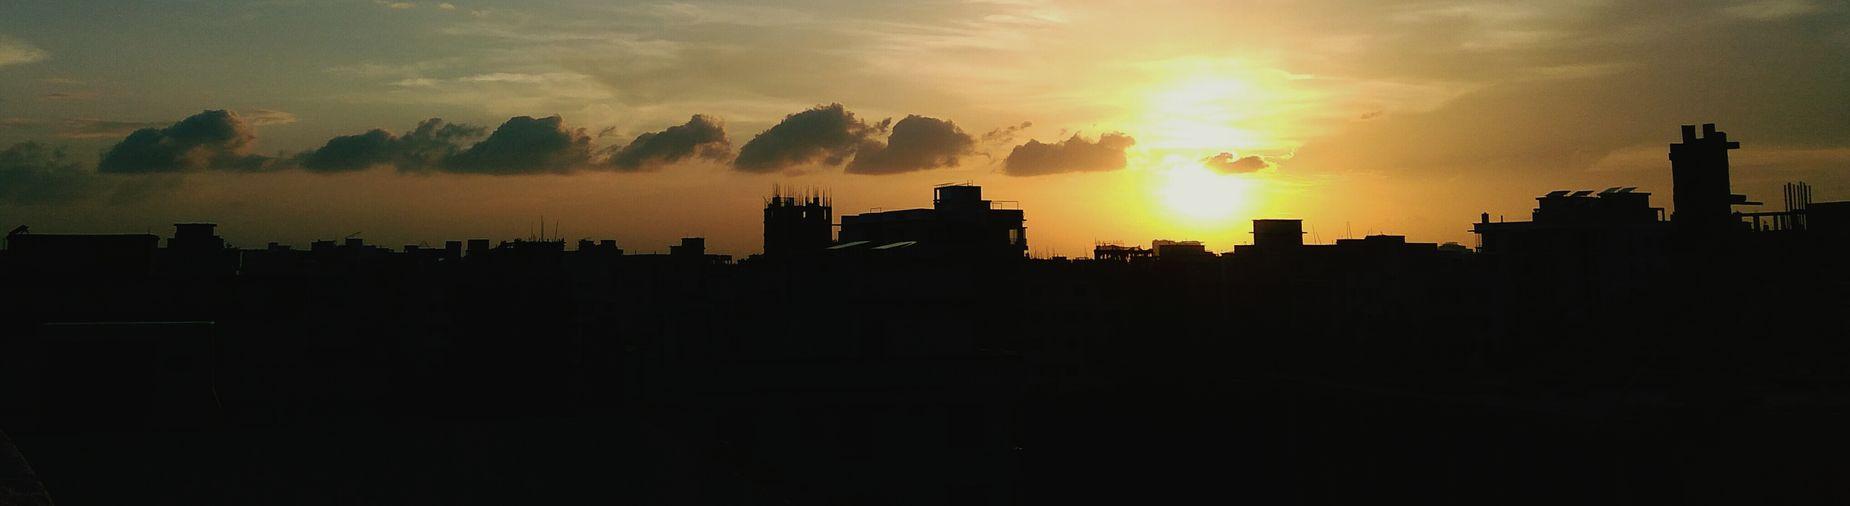 Dhaka,bangladesh. Mobograph Mobography Taking Photos Check This Out